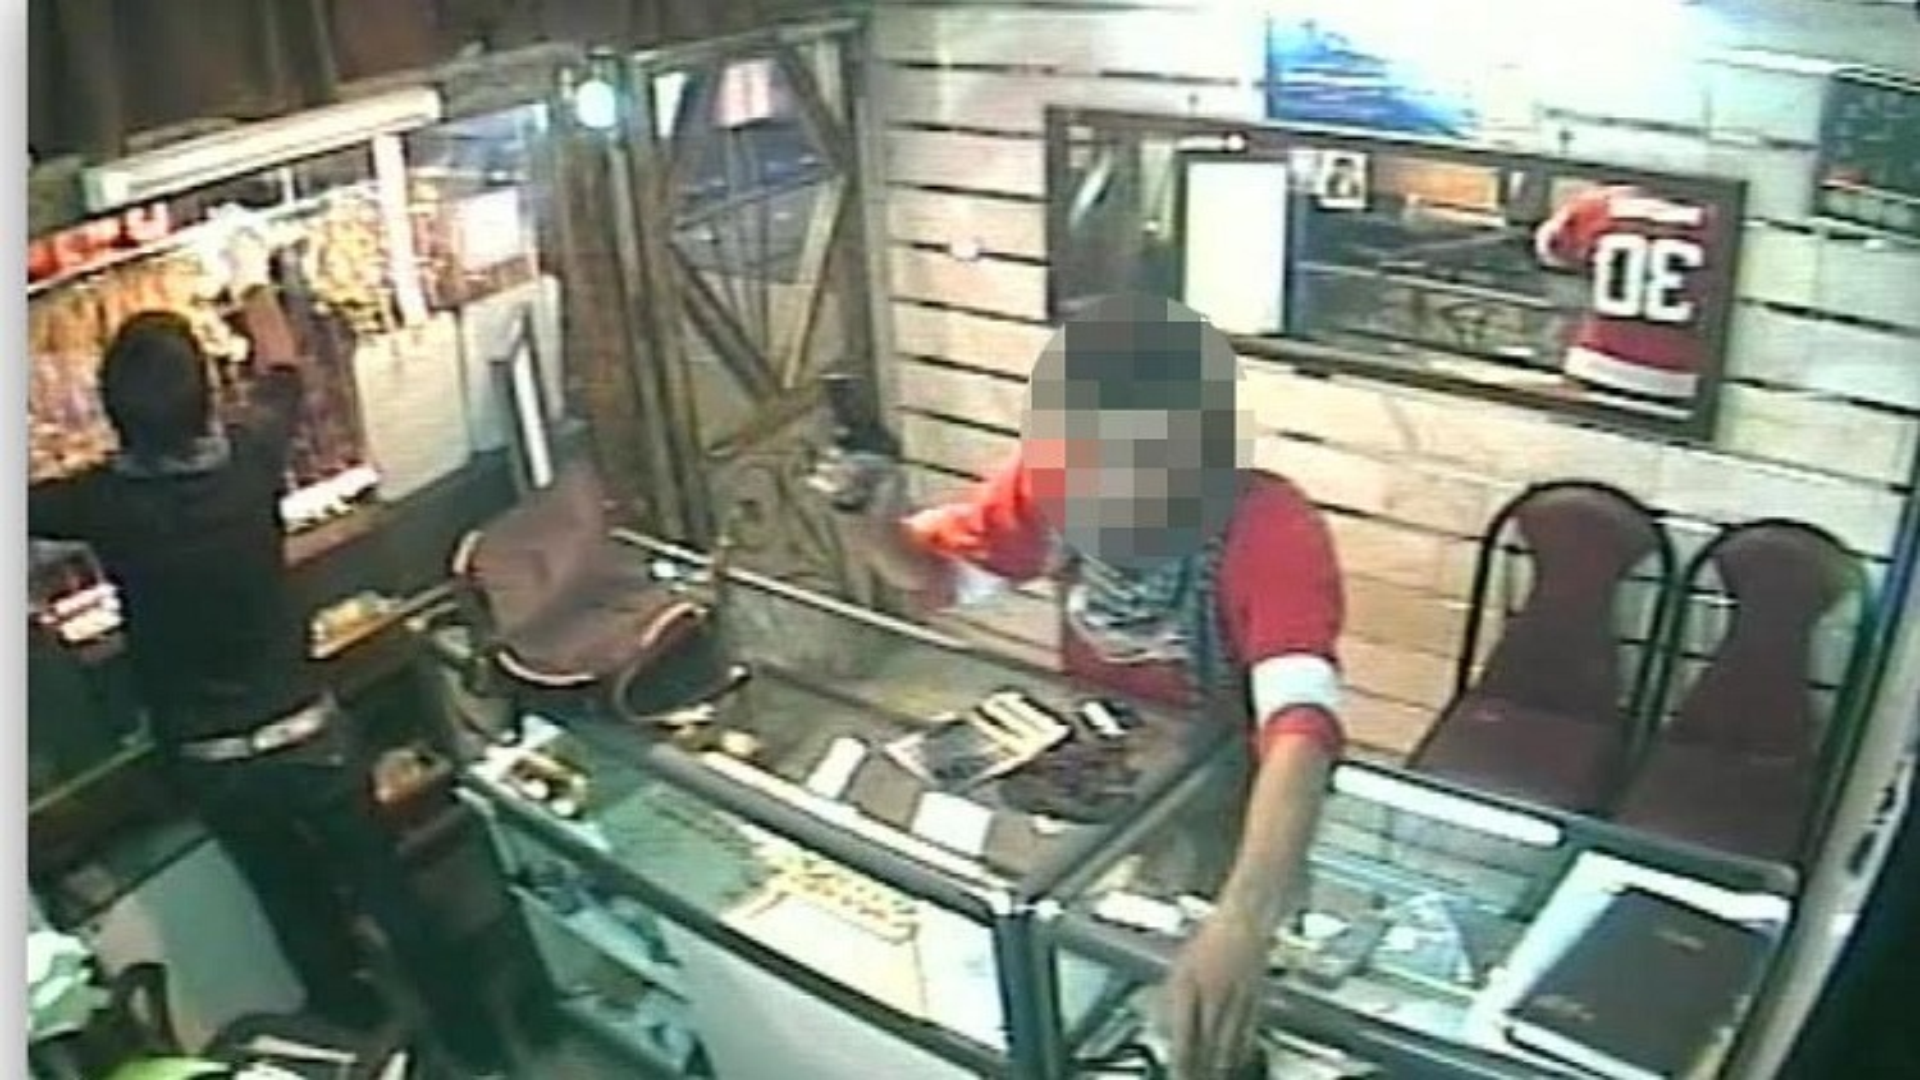 سرقت مسلحانه از طلا فروشی در گچساران | فیلم